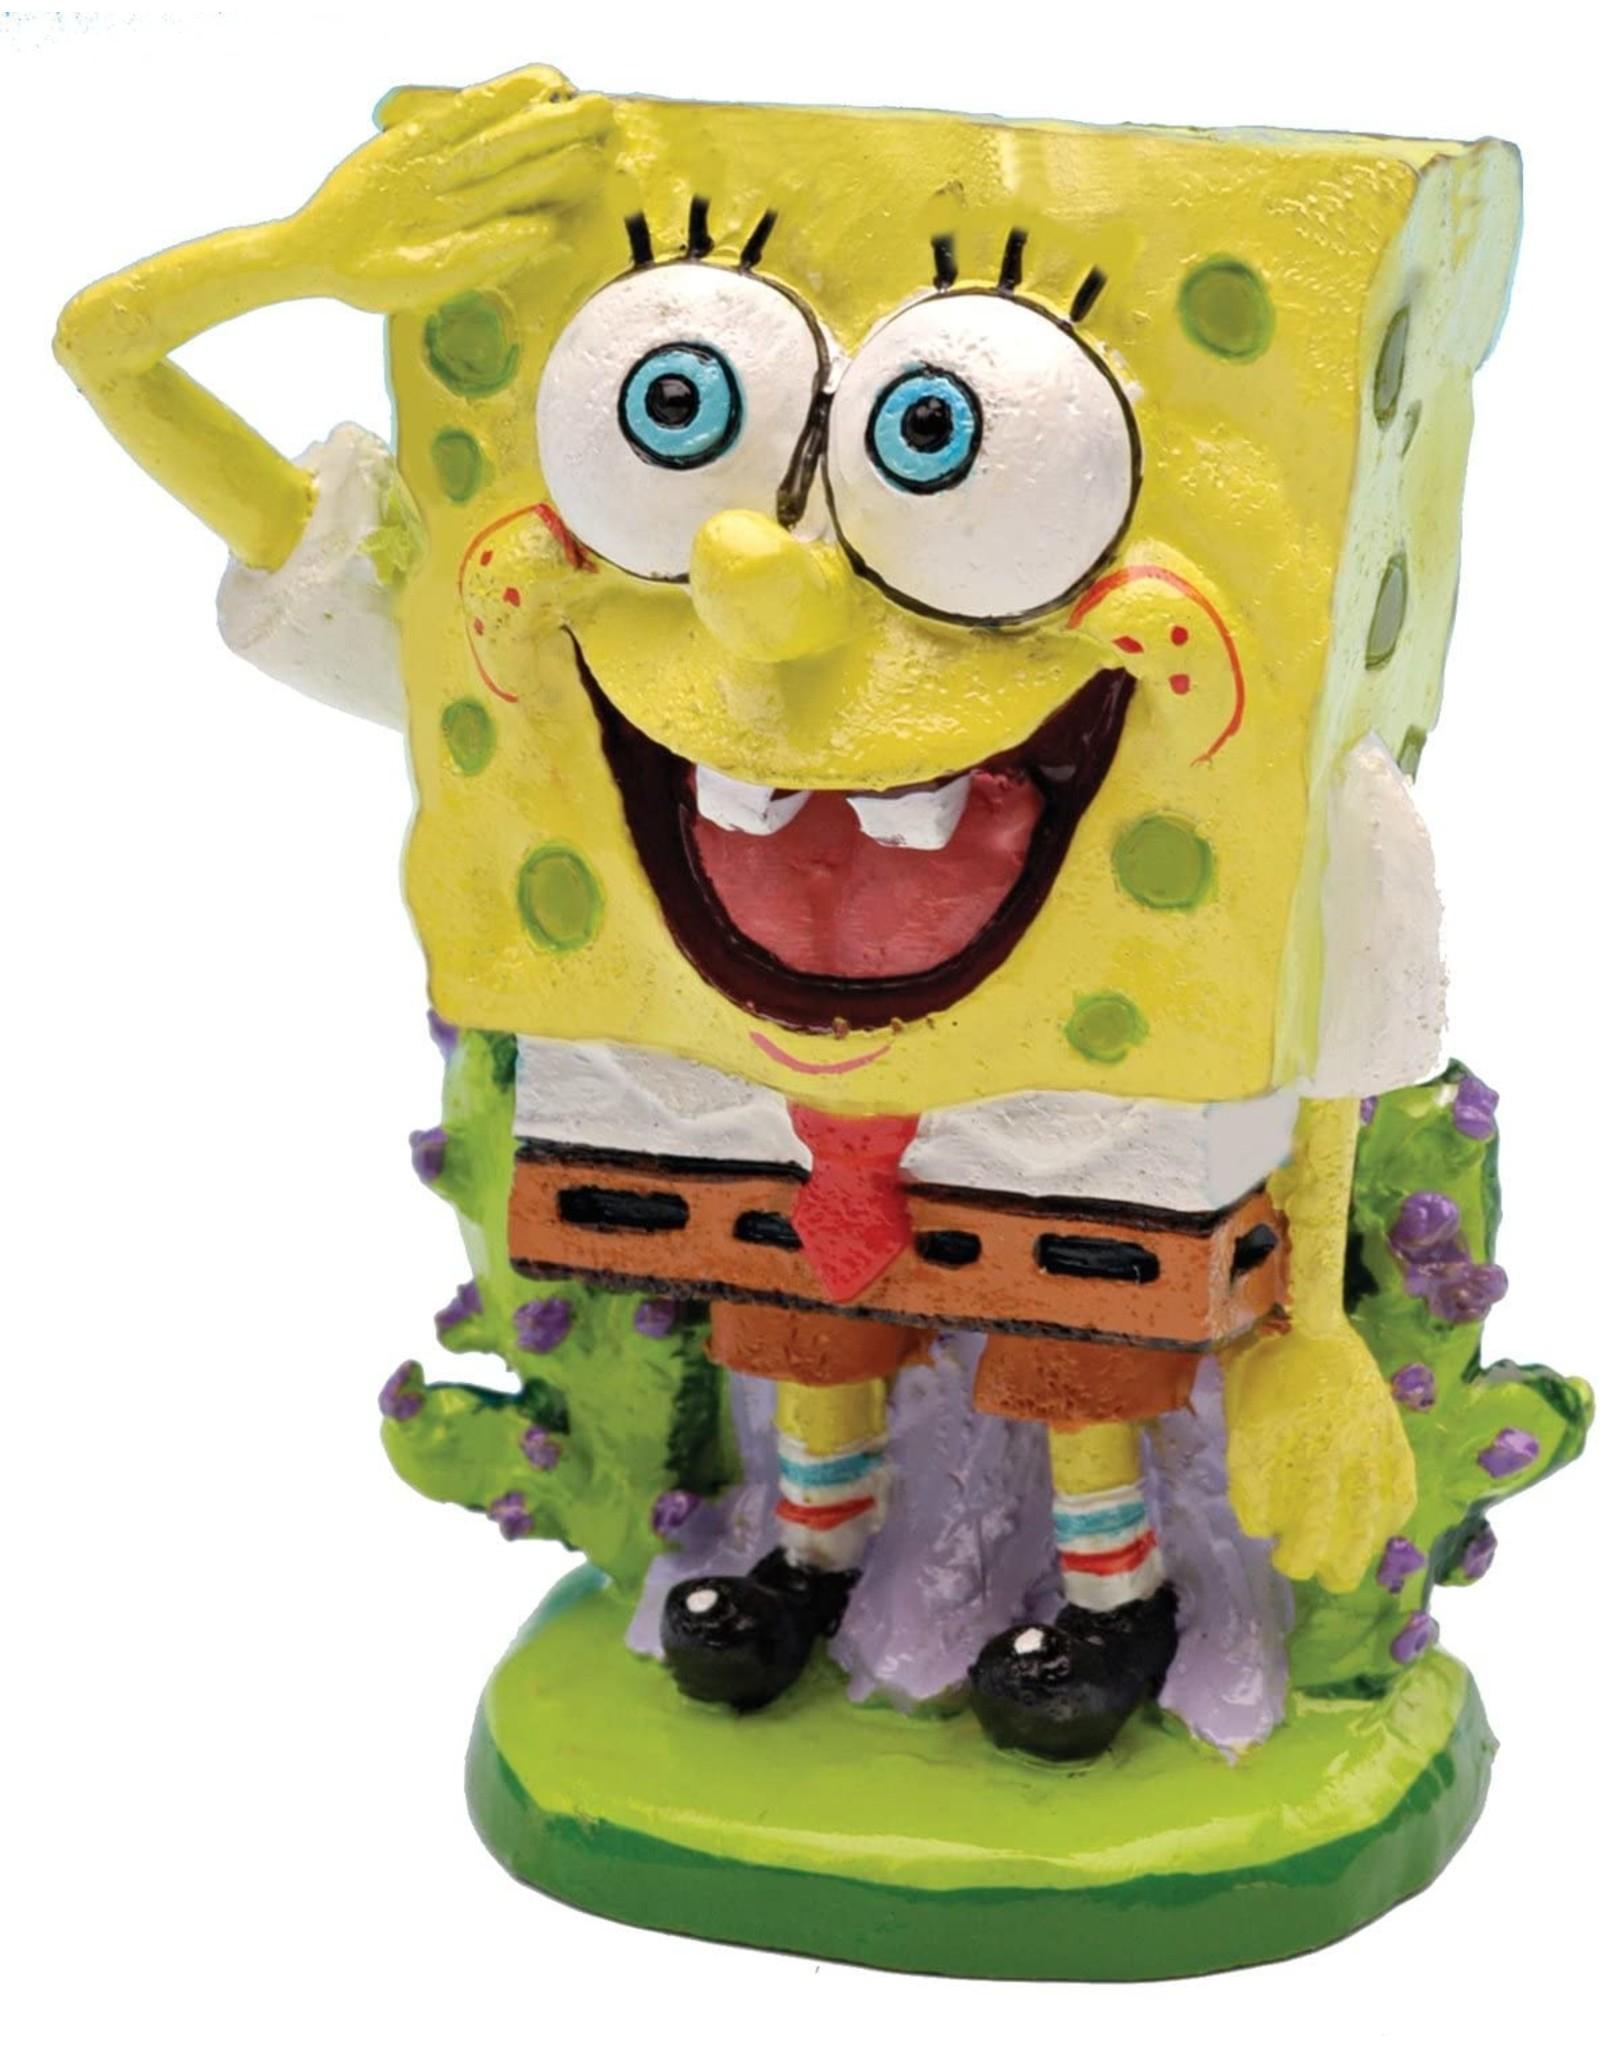 Penn Plax PENN PLAX Spongebob Ornament Mini Spongebob Licensed